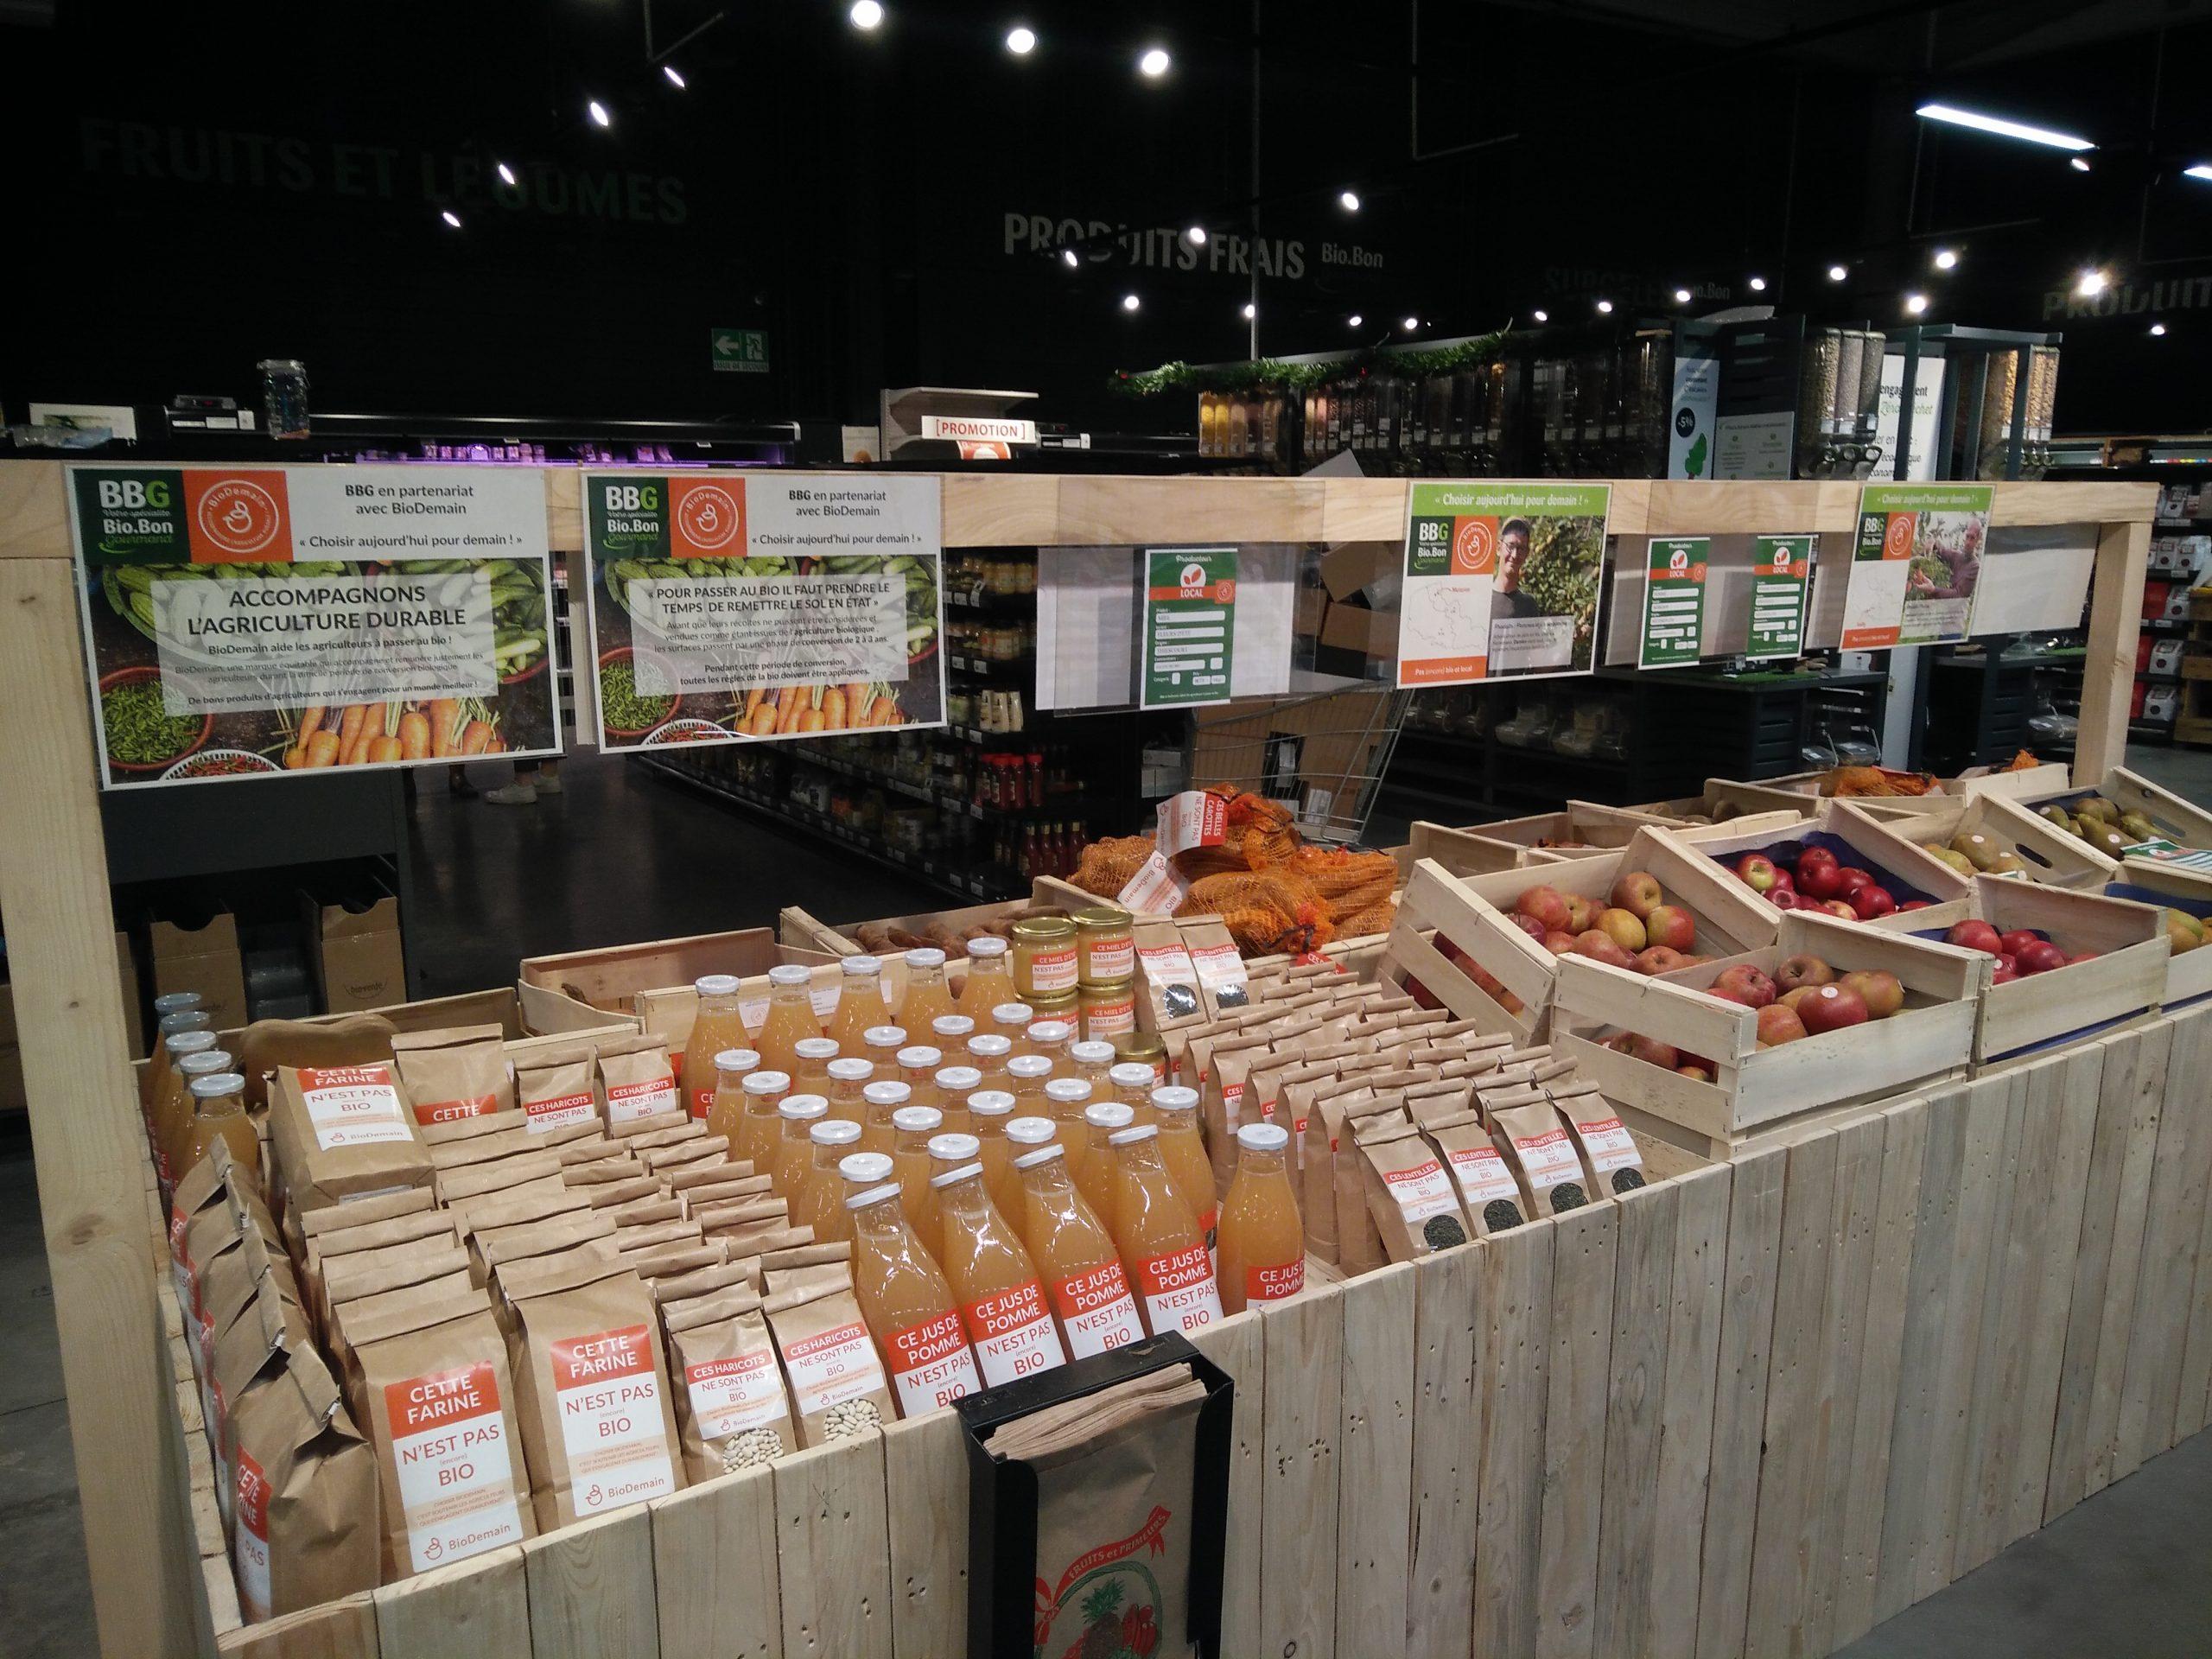 Implantation en magasin scaled - BioDemain accompagne les agriculteurs français pour passer au bio